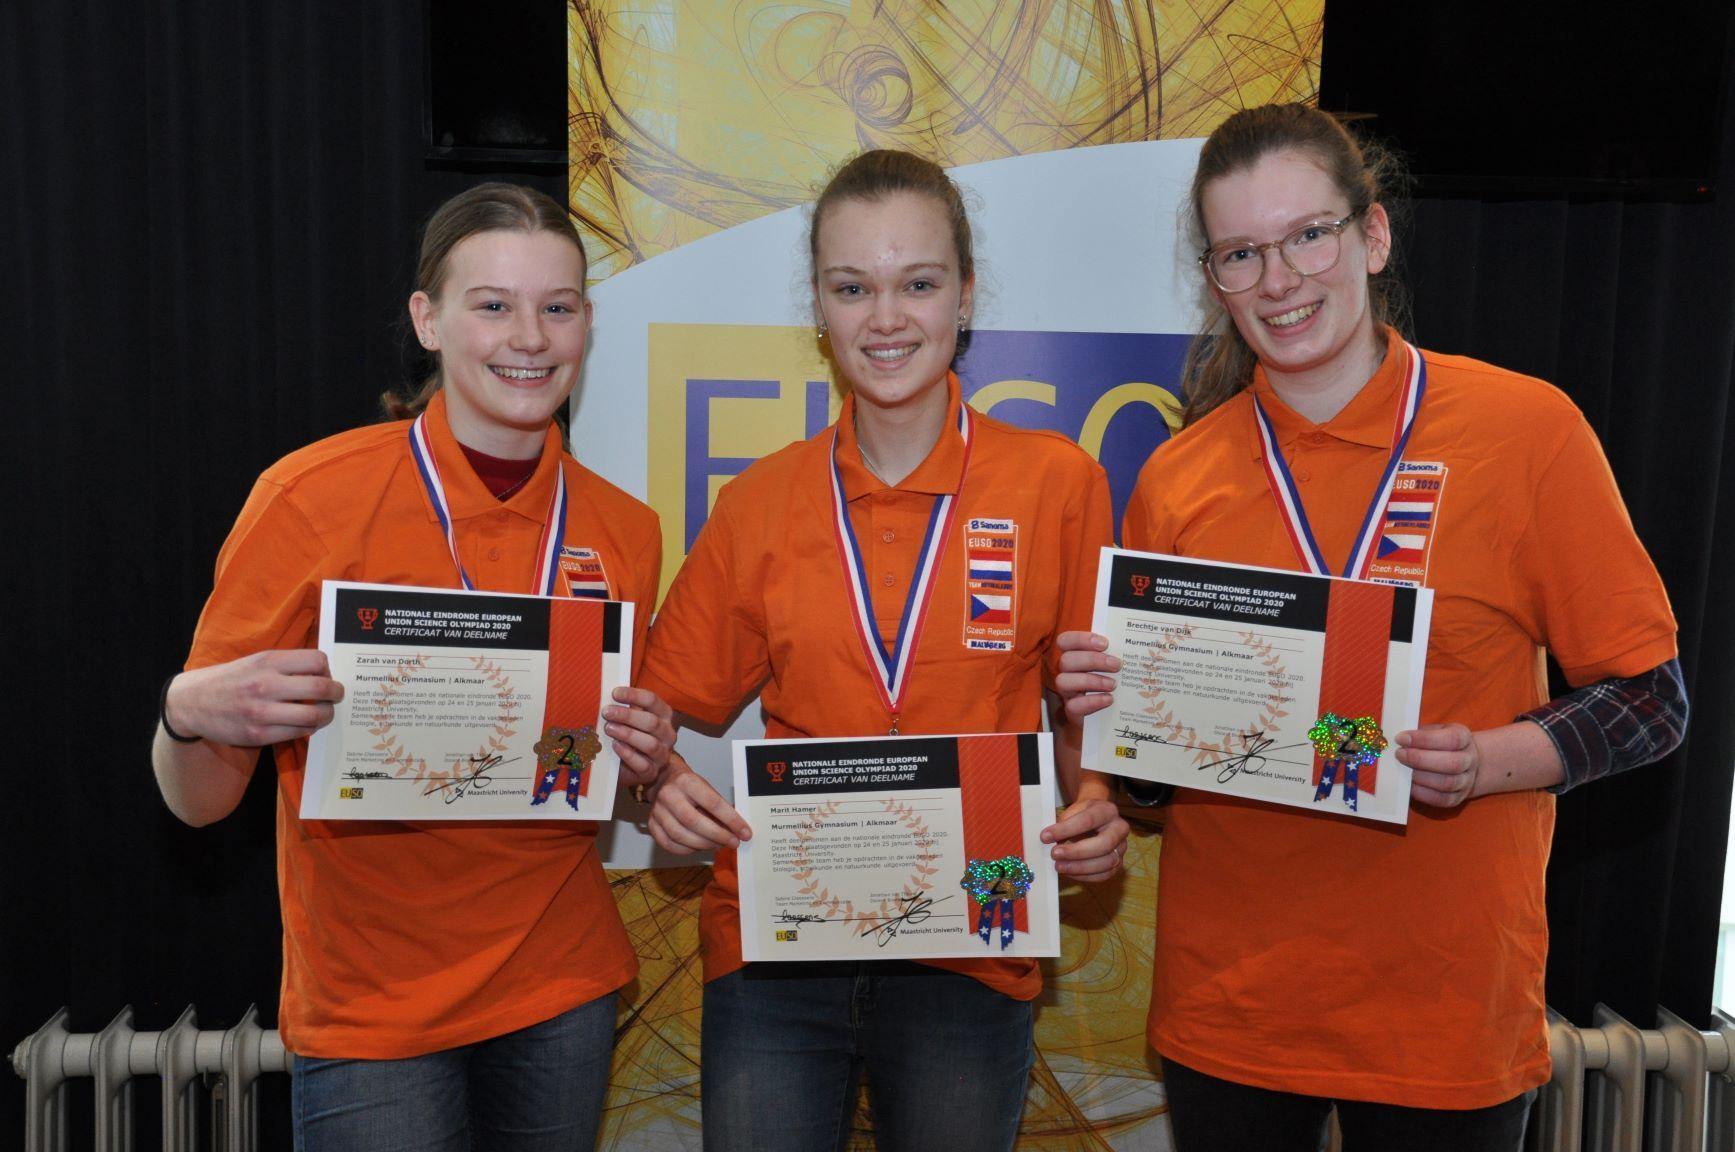 Vwo-leerlingen van Murmellius Gymnasium in Alkmaar gaan naar Europese wetenschapsolympiade in Tsjechië